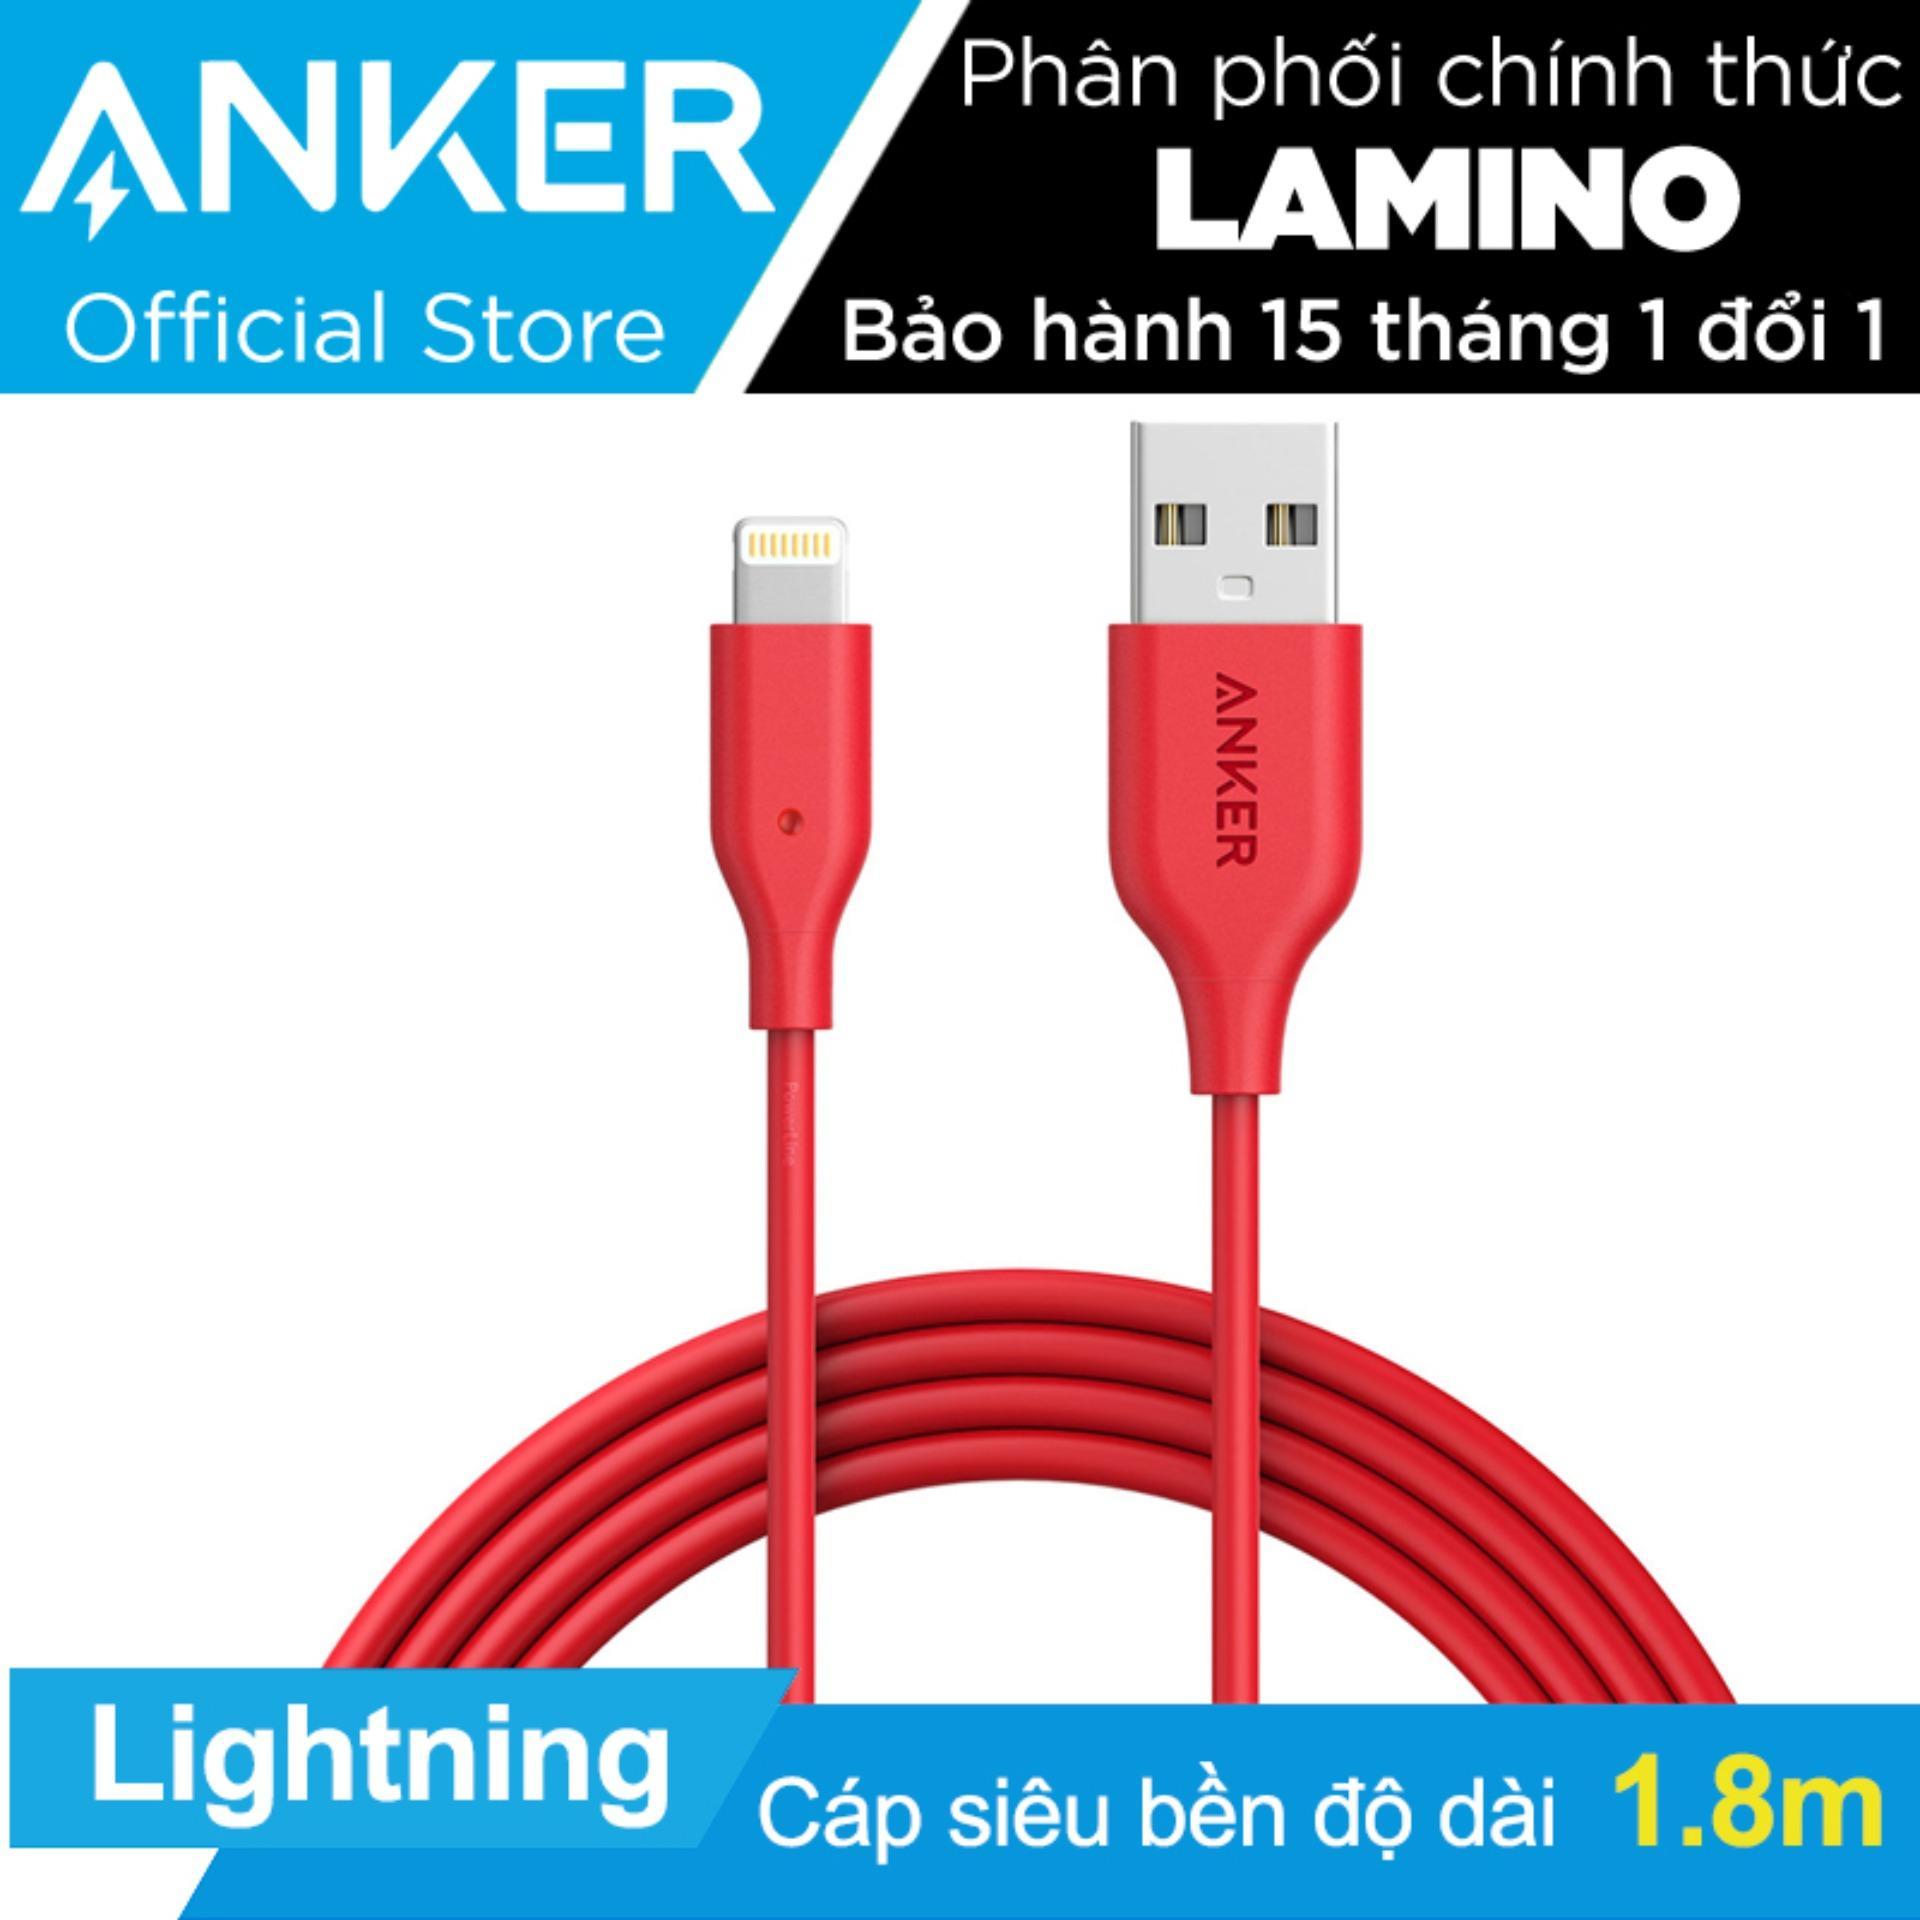 Bán Cap Sạc Sieu Bền Anker Powerline Lightning 1 8M Cho Iphone Ipad Ipod Đỏ Hang Phan Phối Chinh Thức Có Thương Hiệu